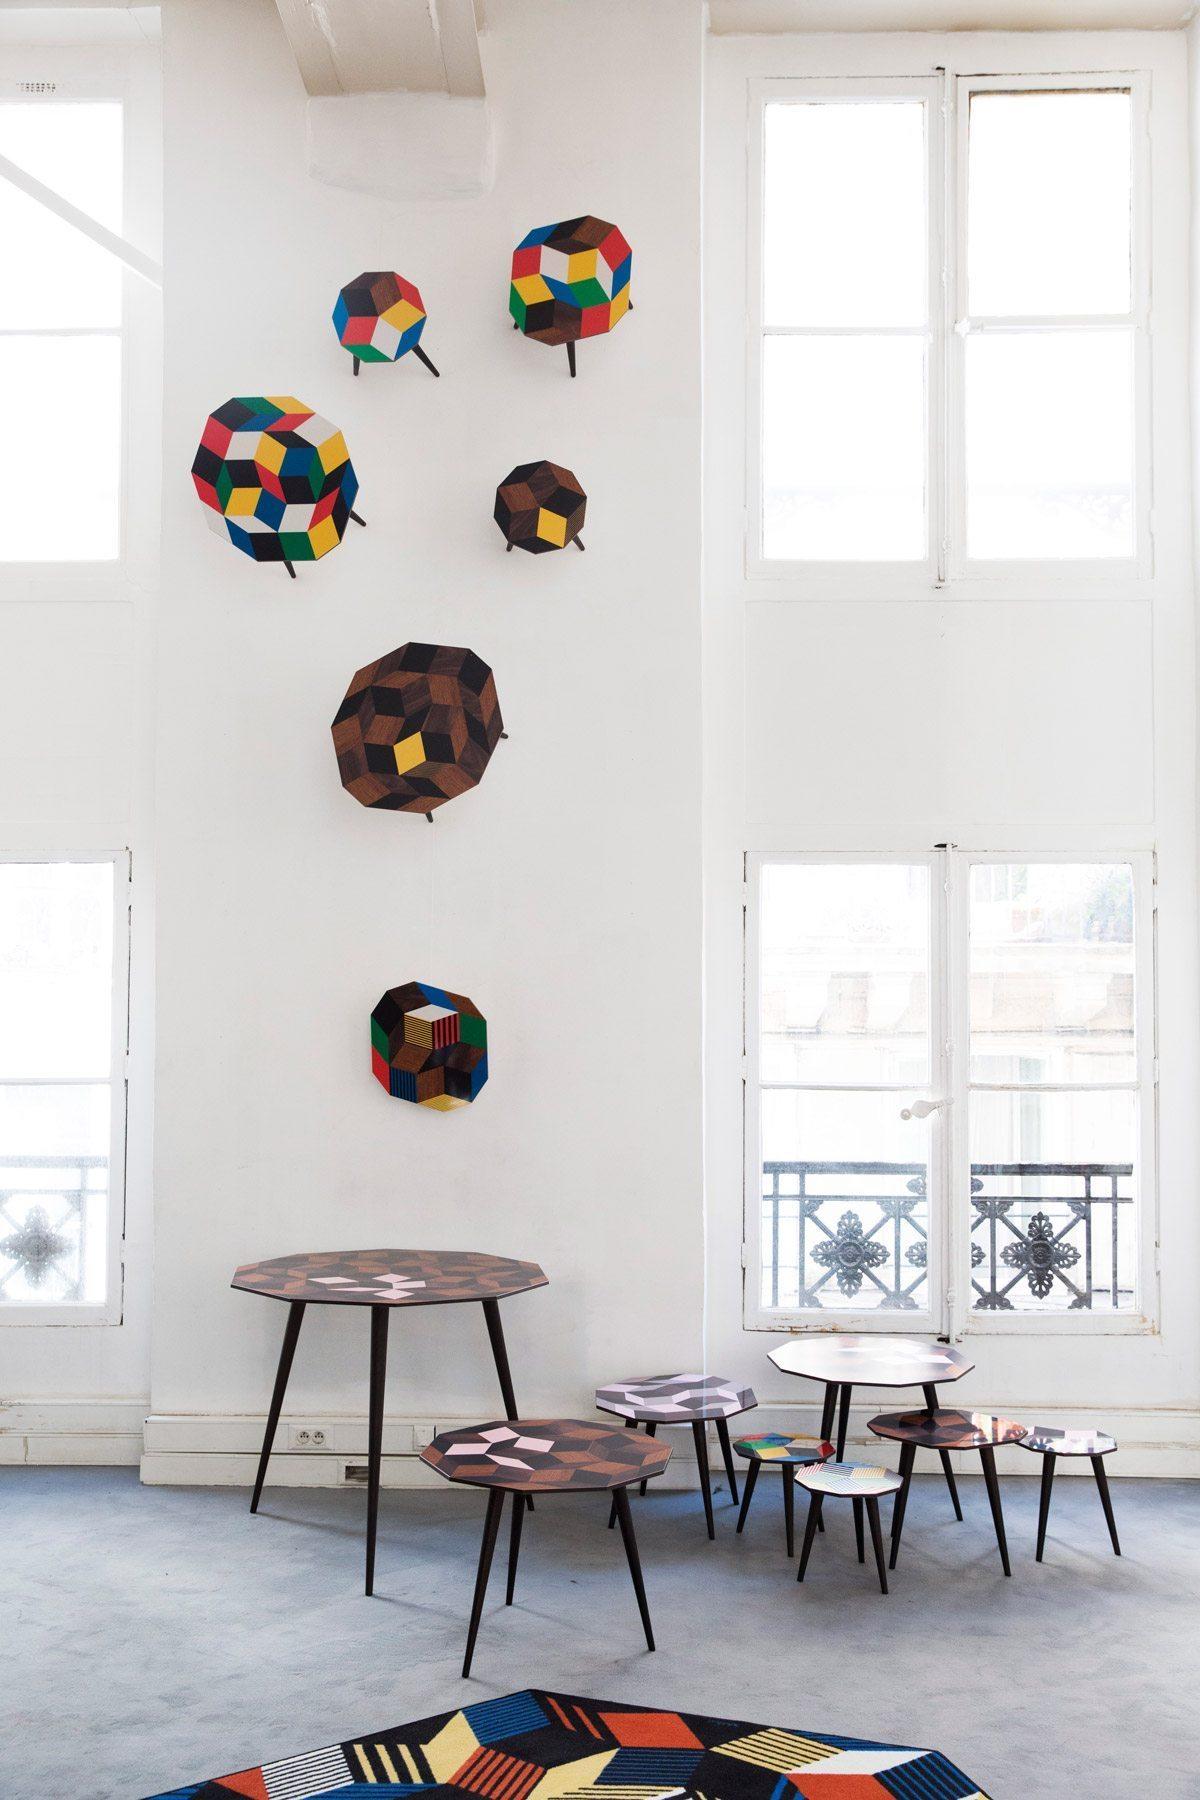 Exposition Penrose Project, Ich&Kar - Bazartherapy, Paris Design Week 2015, tables basses et guéridon au motifs géométrique